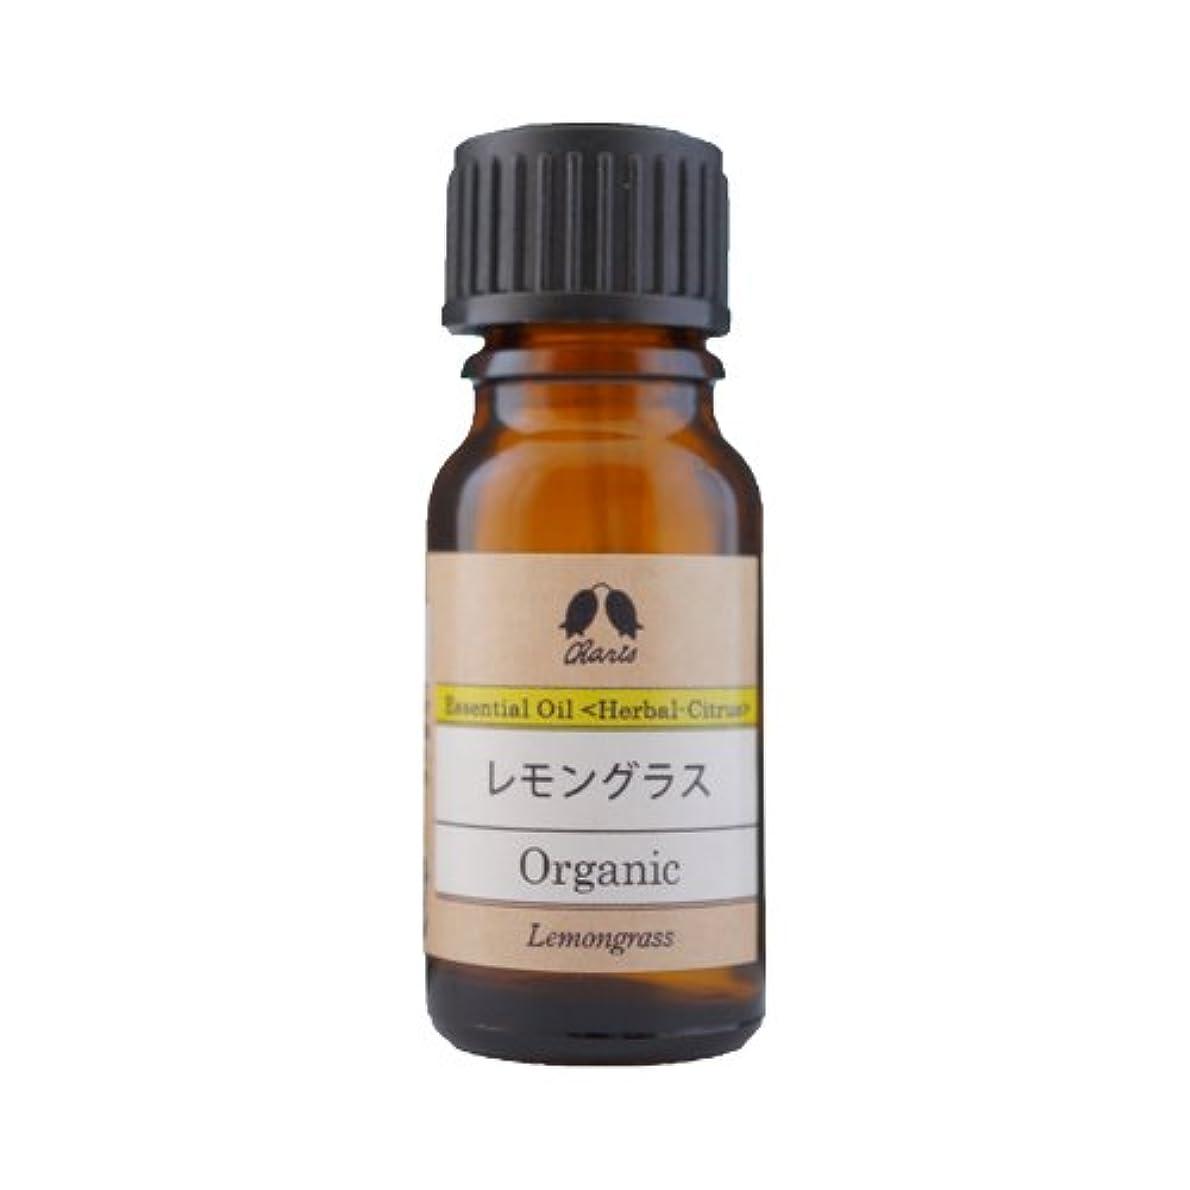 突撃コンベンション鎮痛剤カリス レモングラス オーガニック オイル 10ml